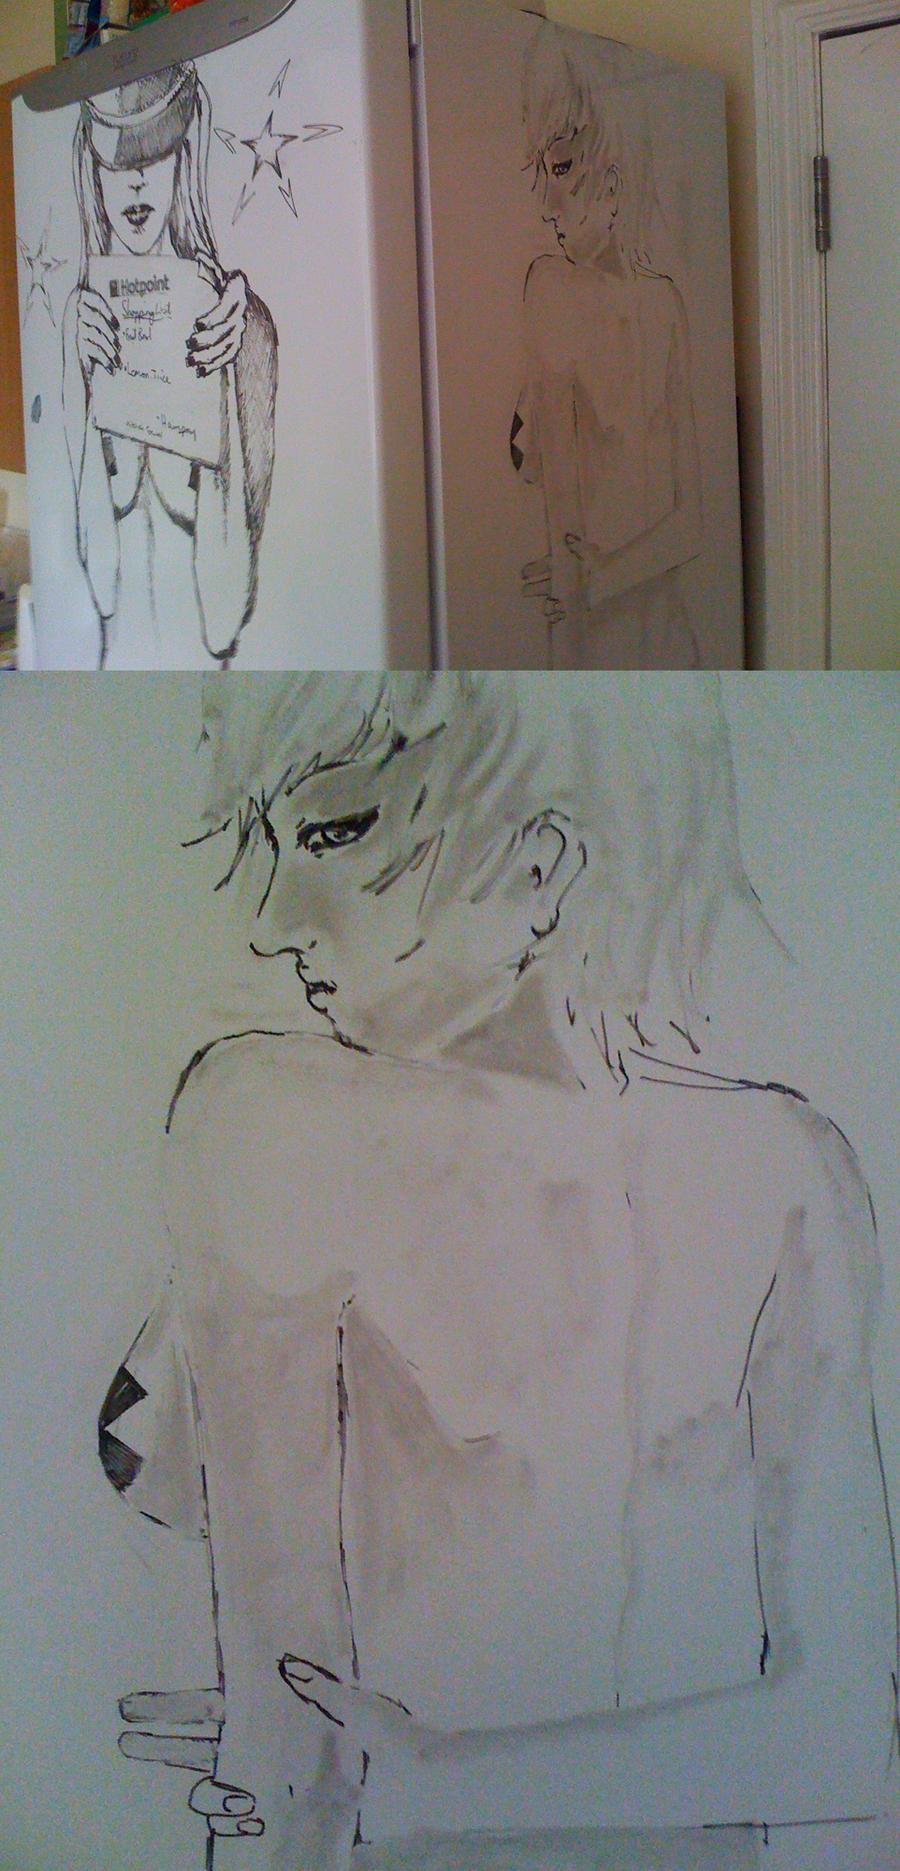 Fridge drawings by Phantasya